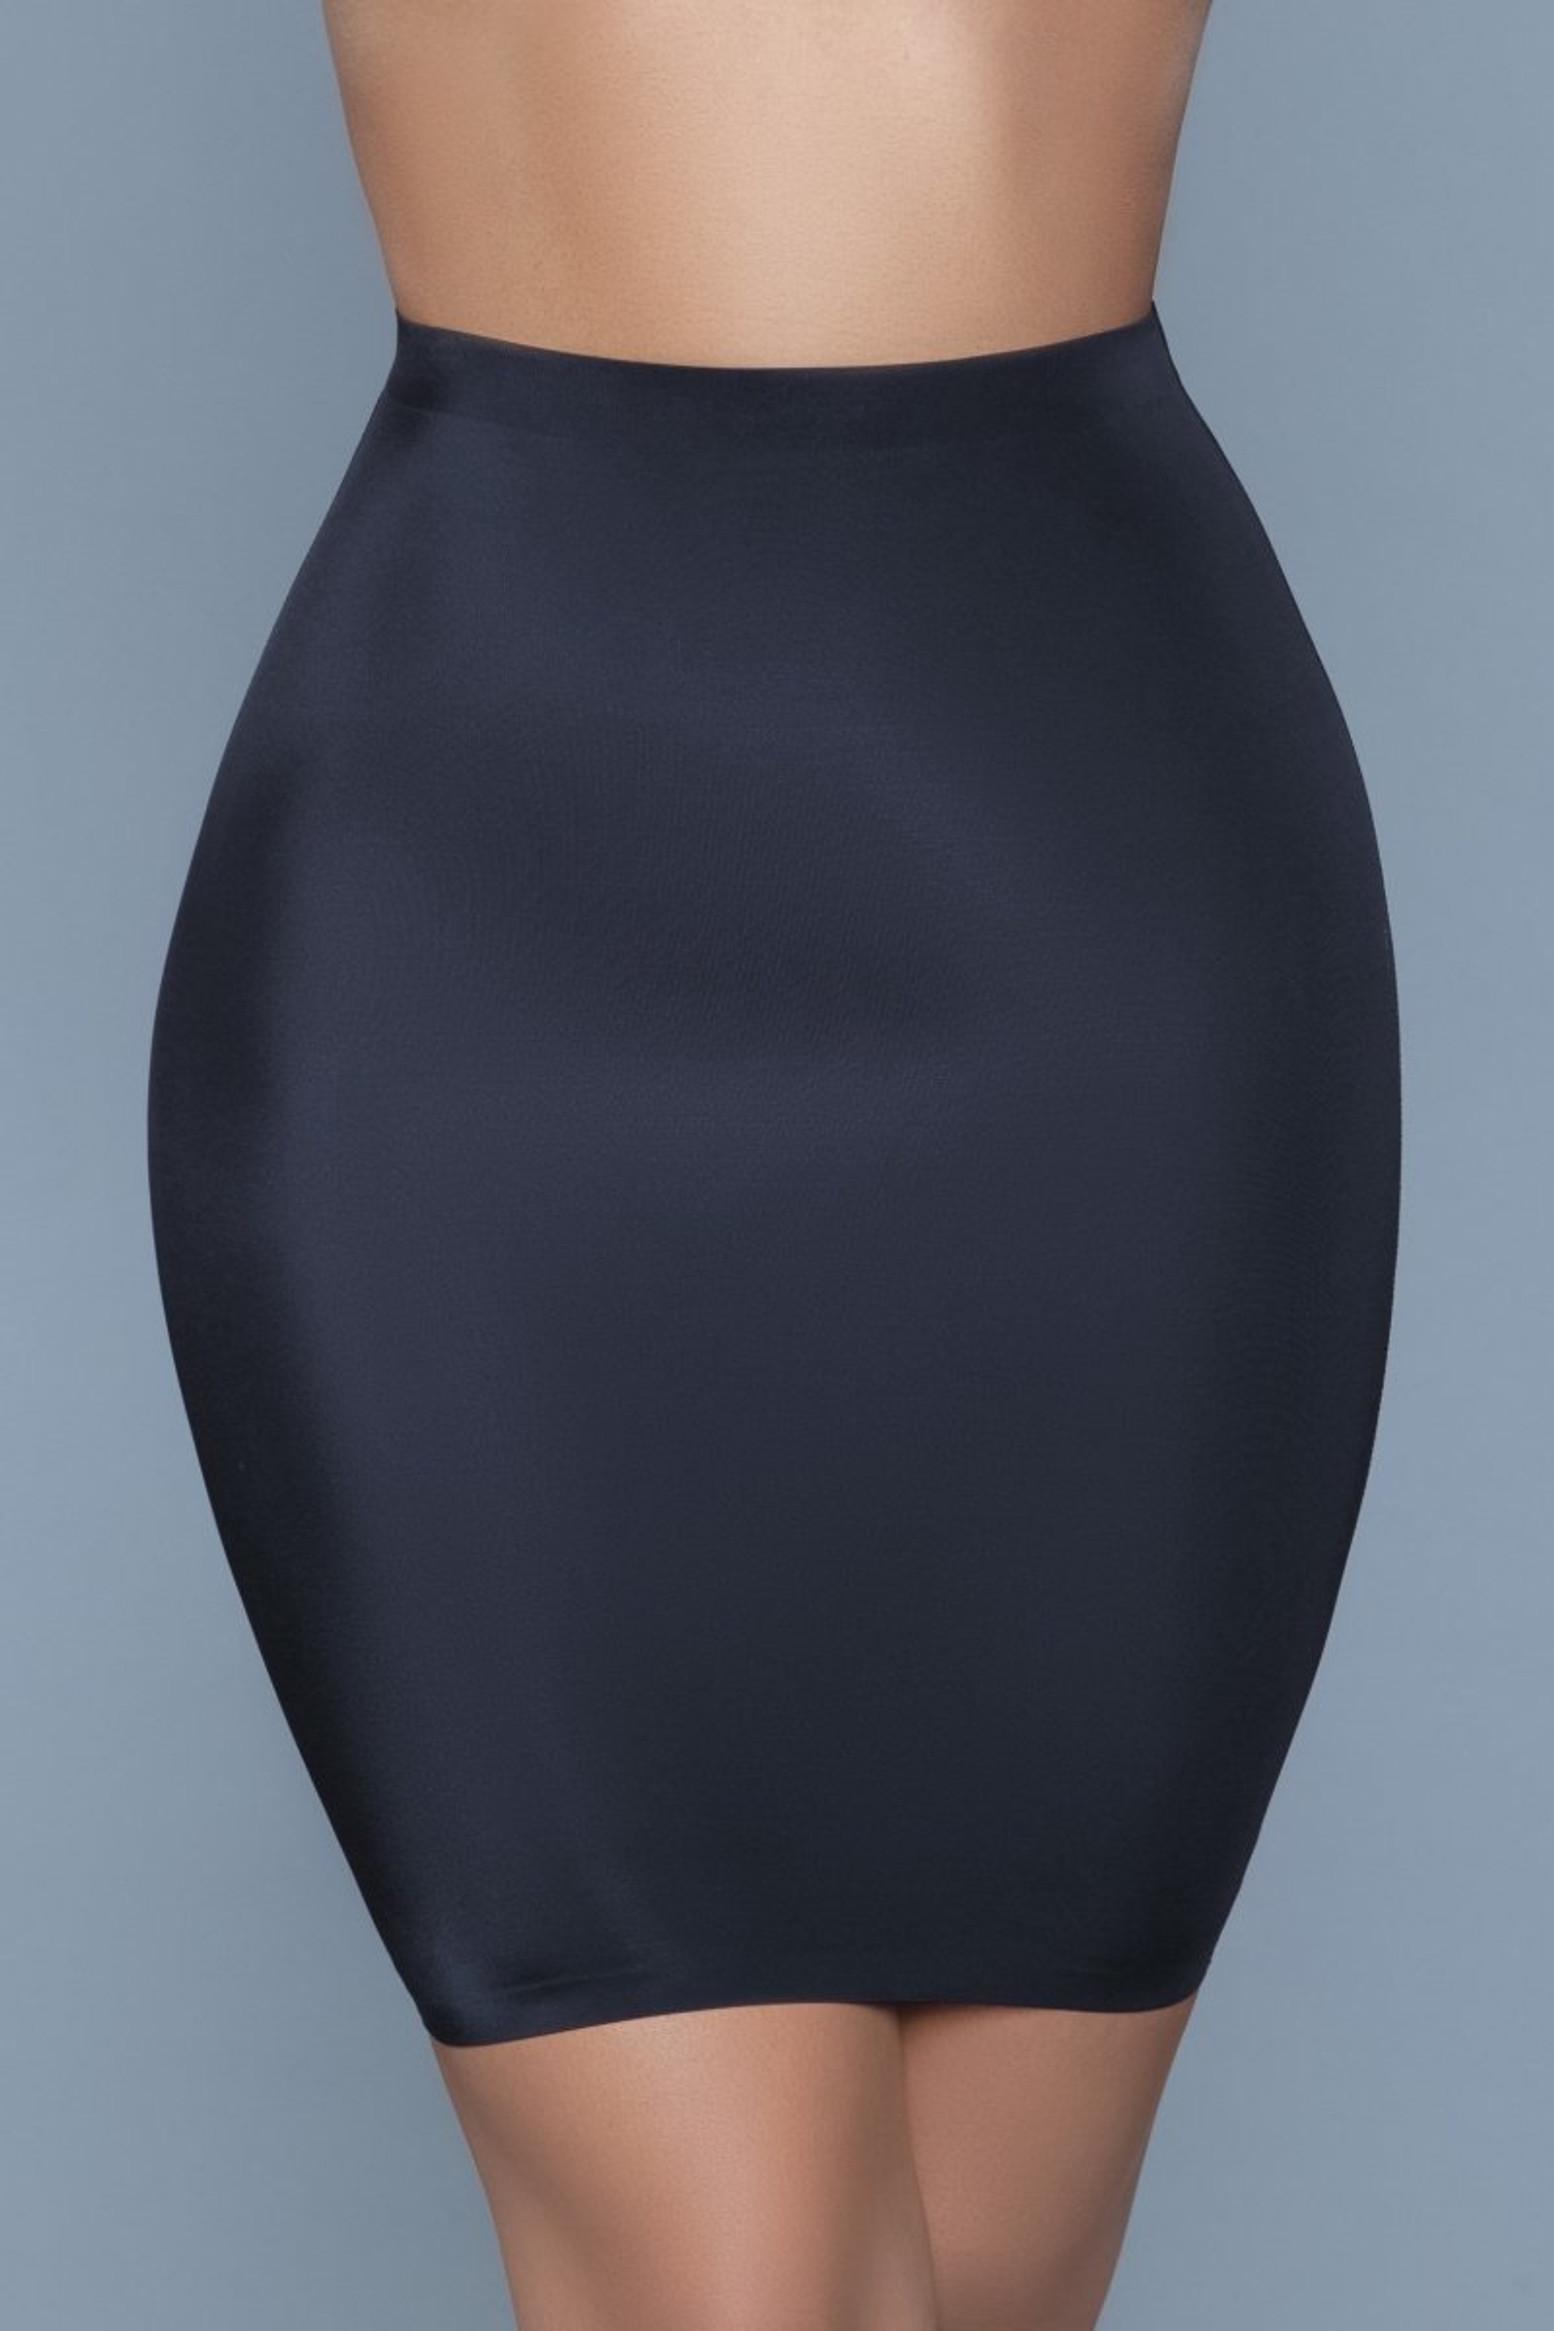 2005 Slimin' Shapewear Slip Skirt Black